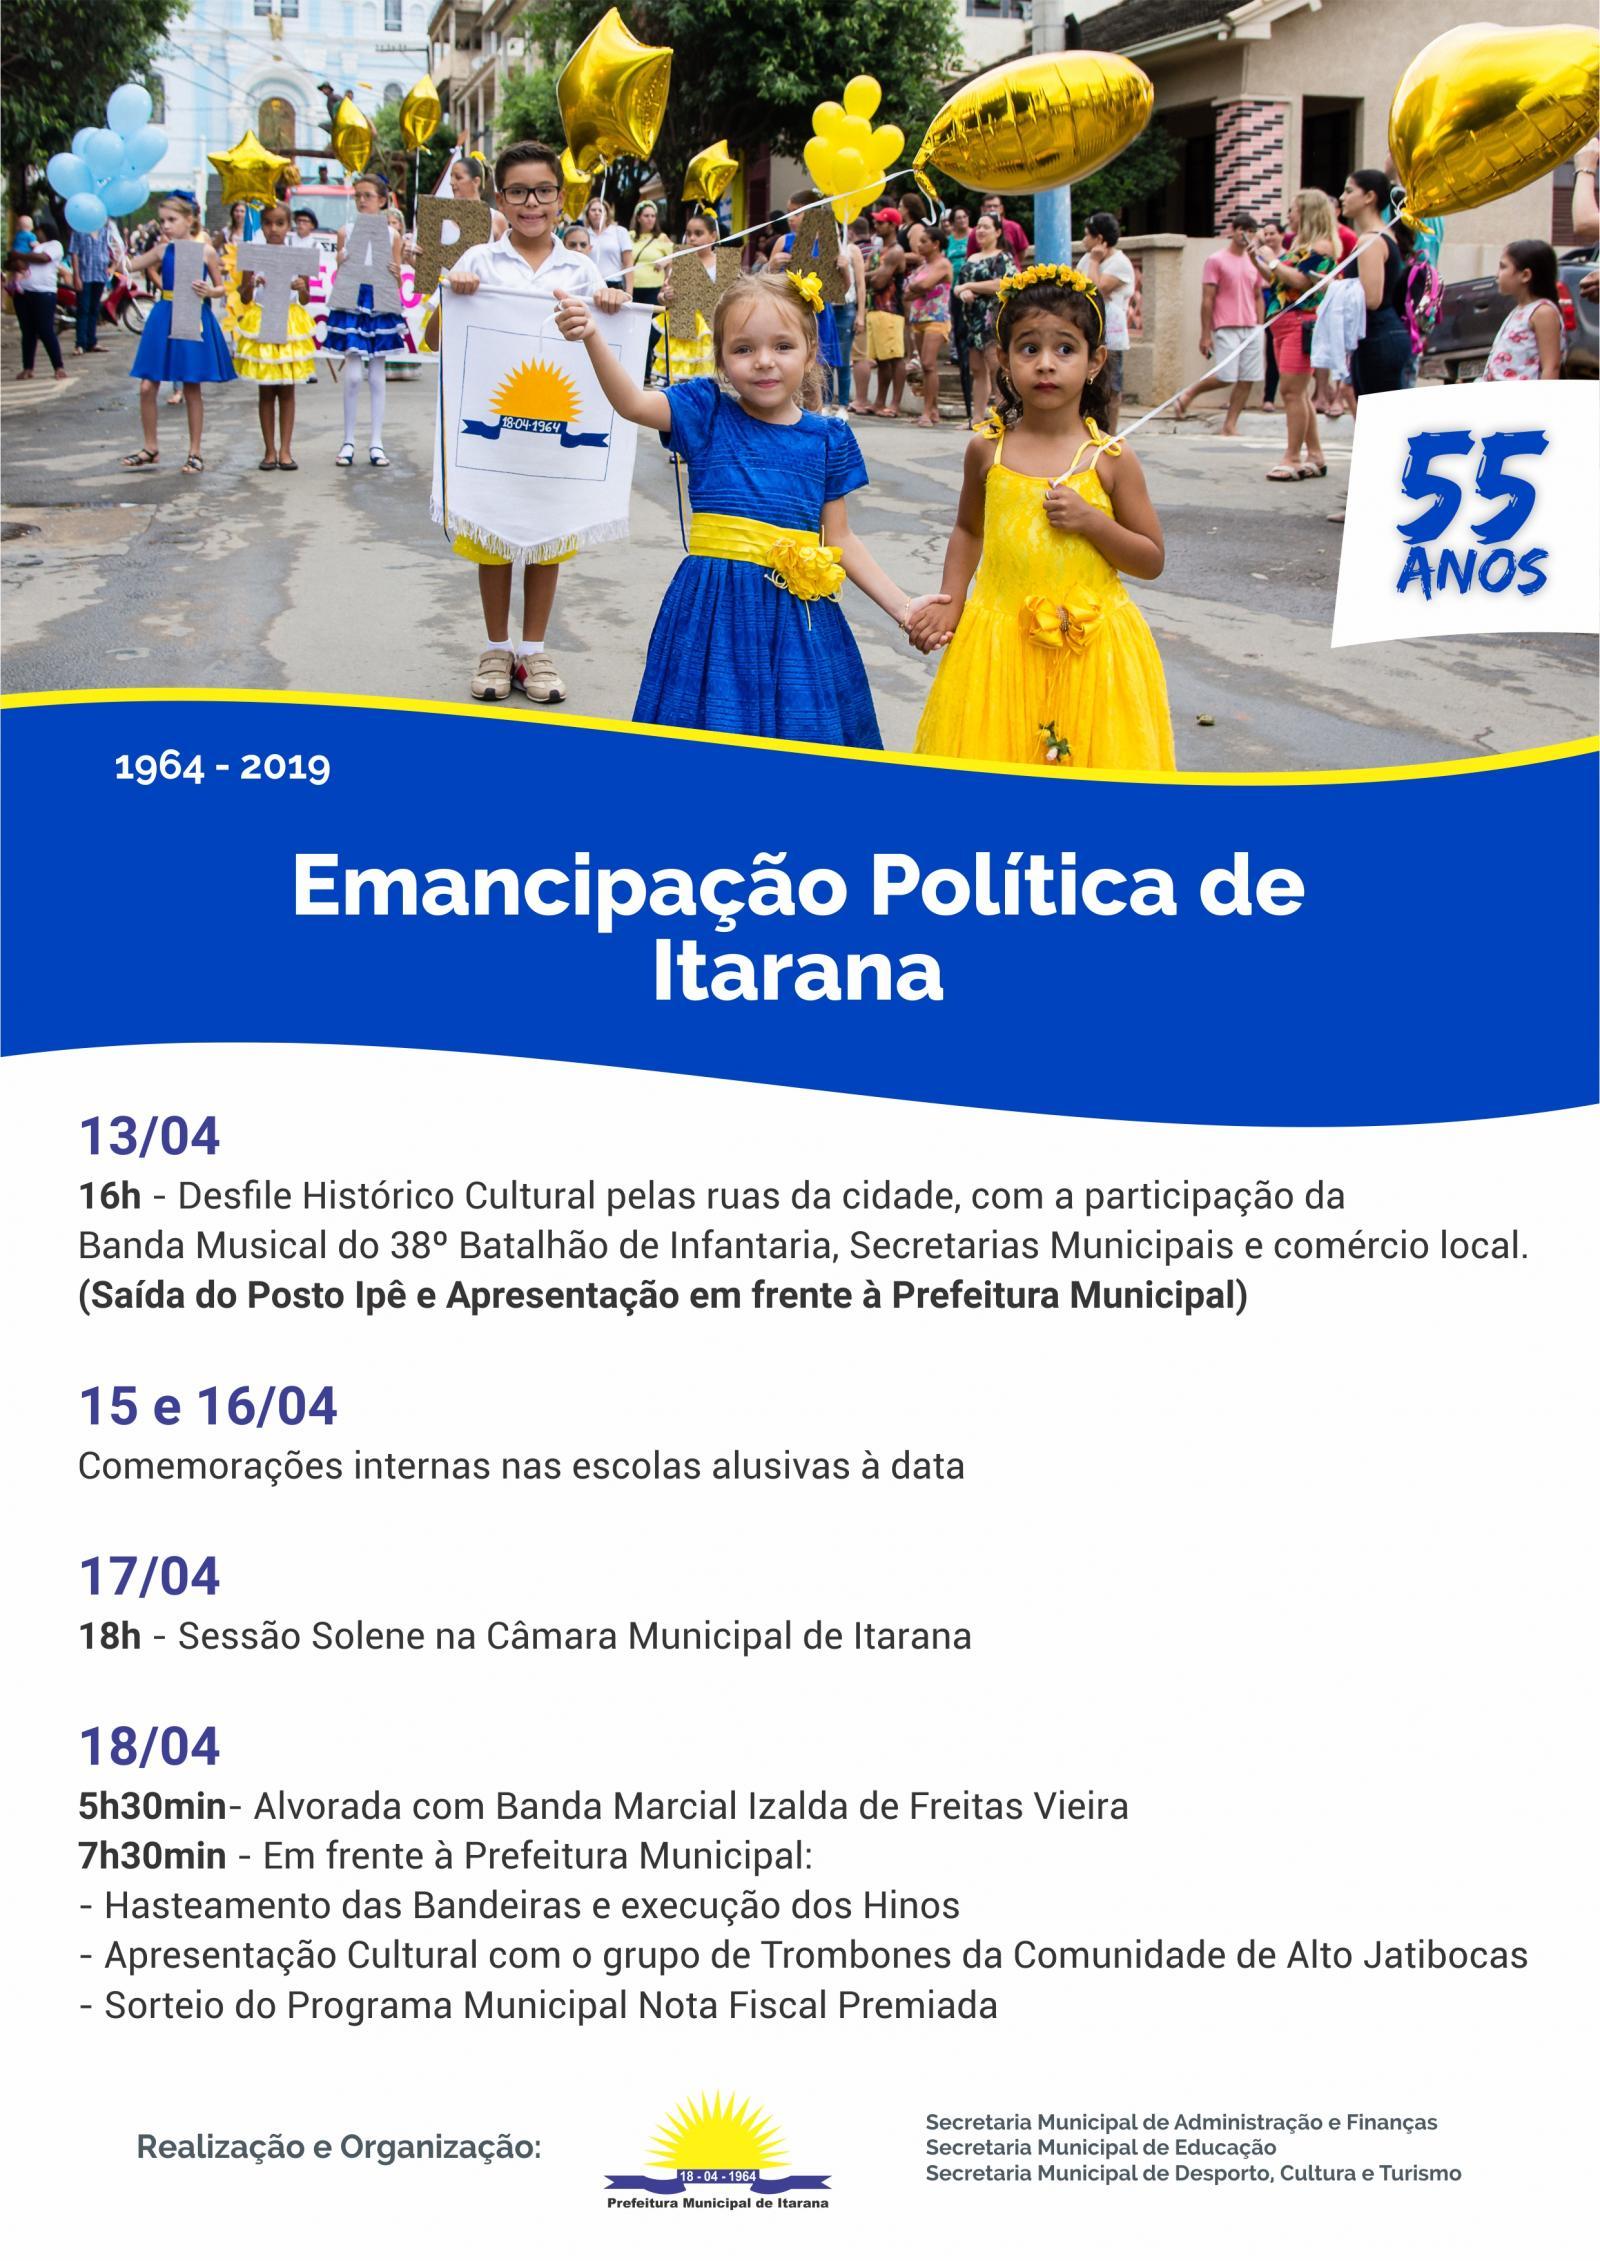 Comemorações de Emancipação Política de Itarana começam no sábado, dia 13, com Desfile Histórico Cultural